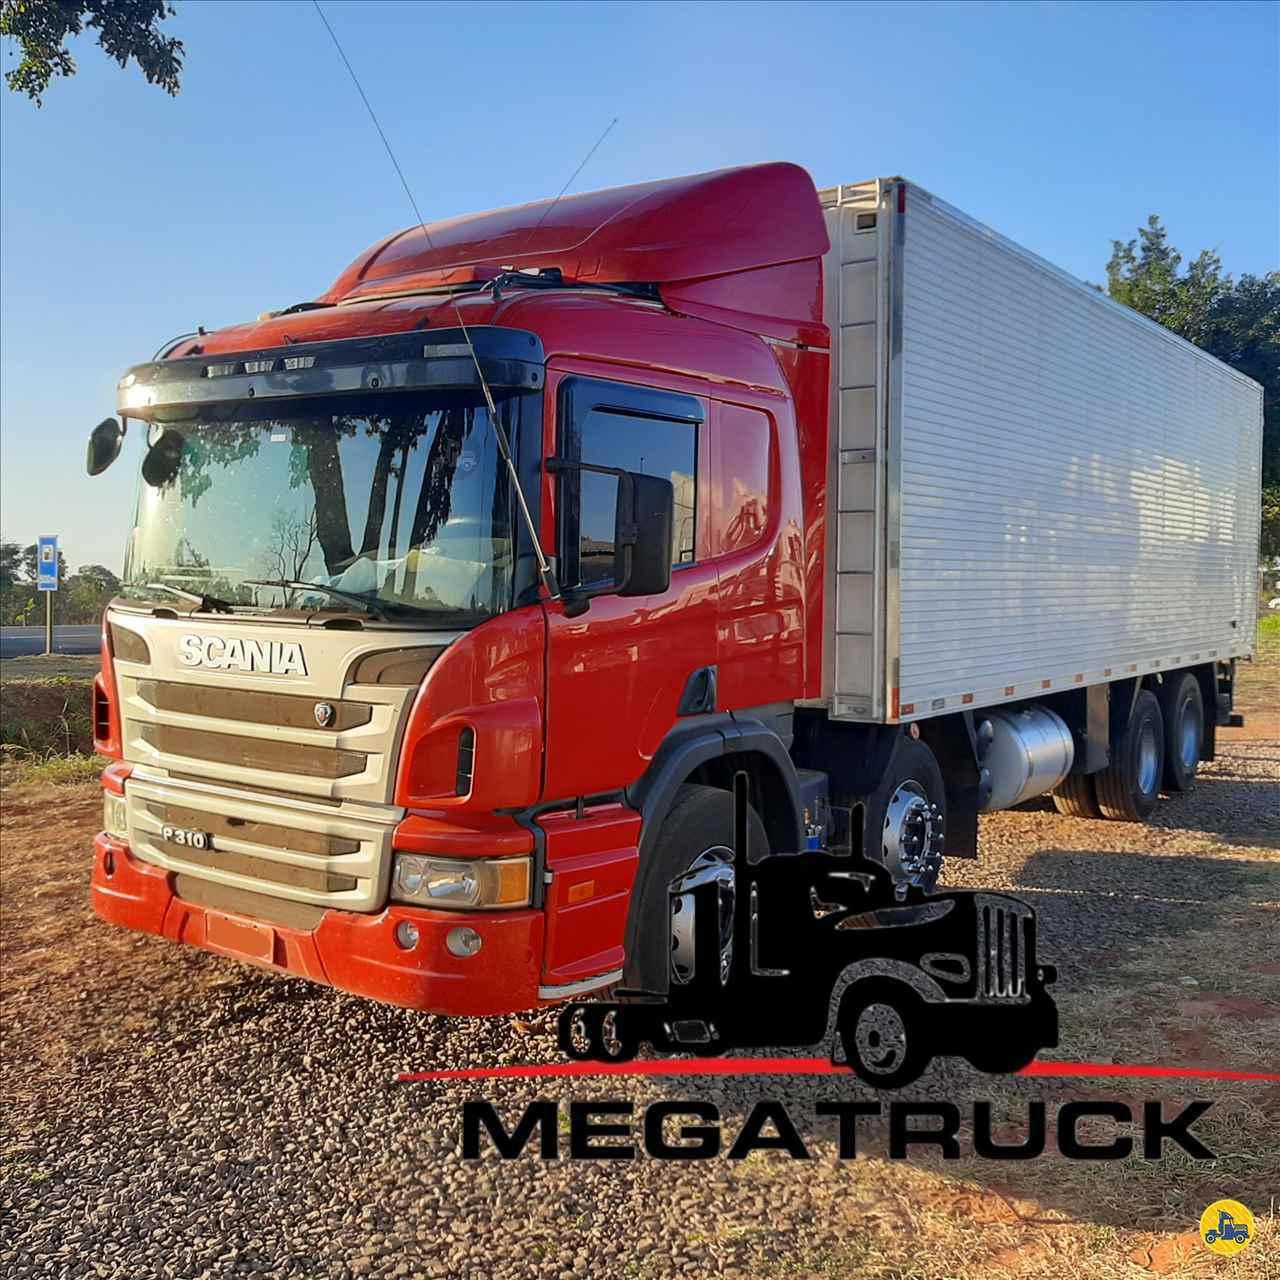 CAMINHAO SCANIA SCANIA P310 Baú Frigorífico BiTruck 8x2 Megatruck Caminhões e Máquinas CAMPO GRANDE MATO GROSSO DO SUL MS